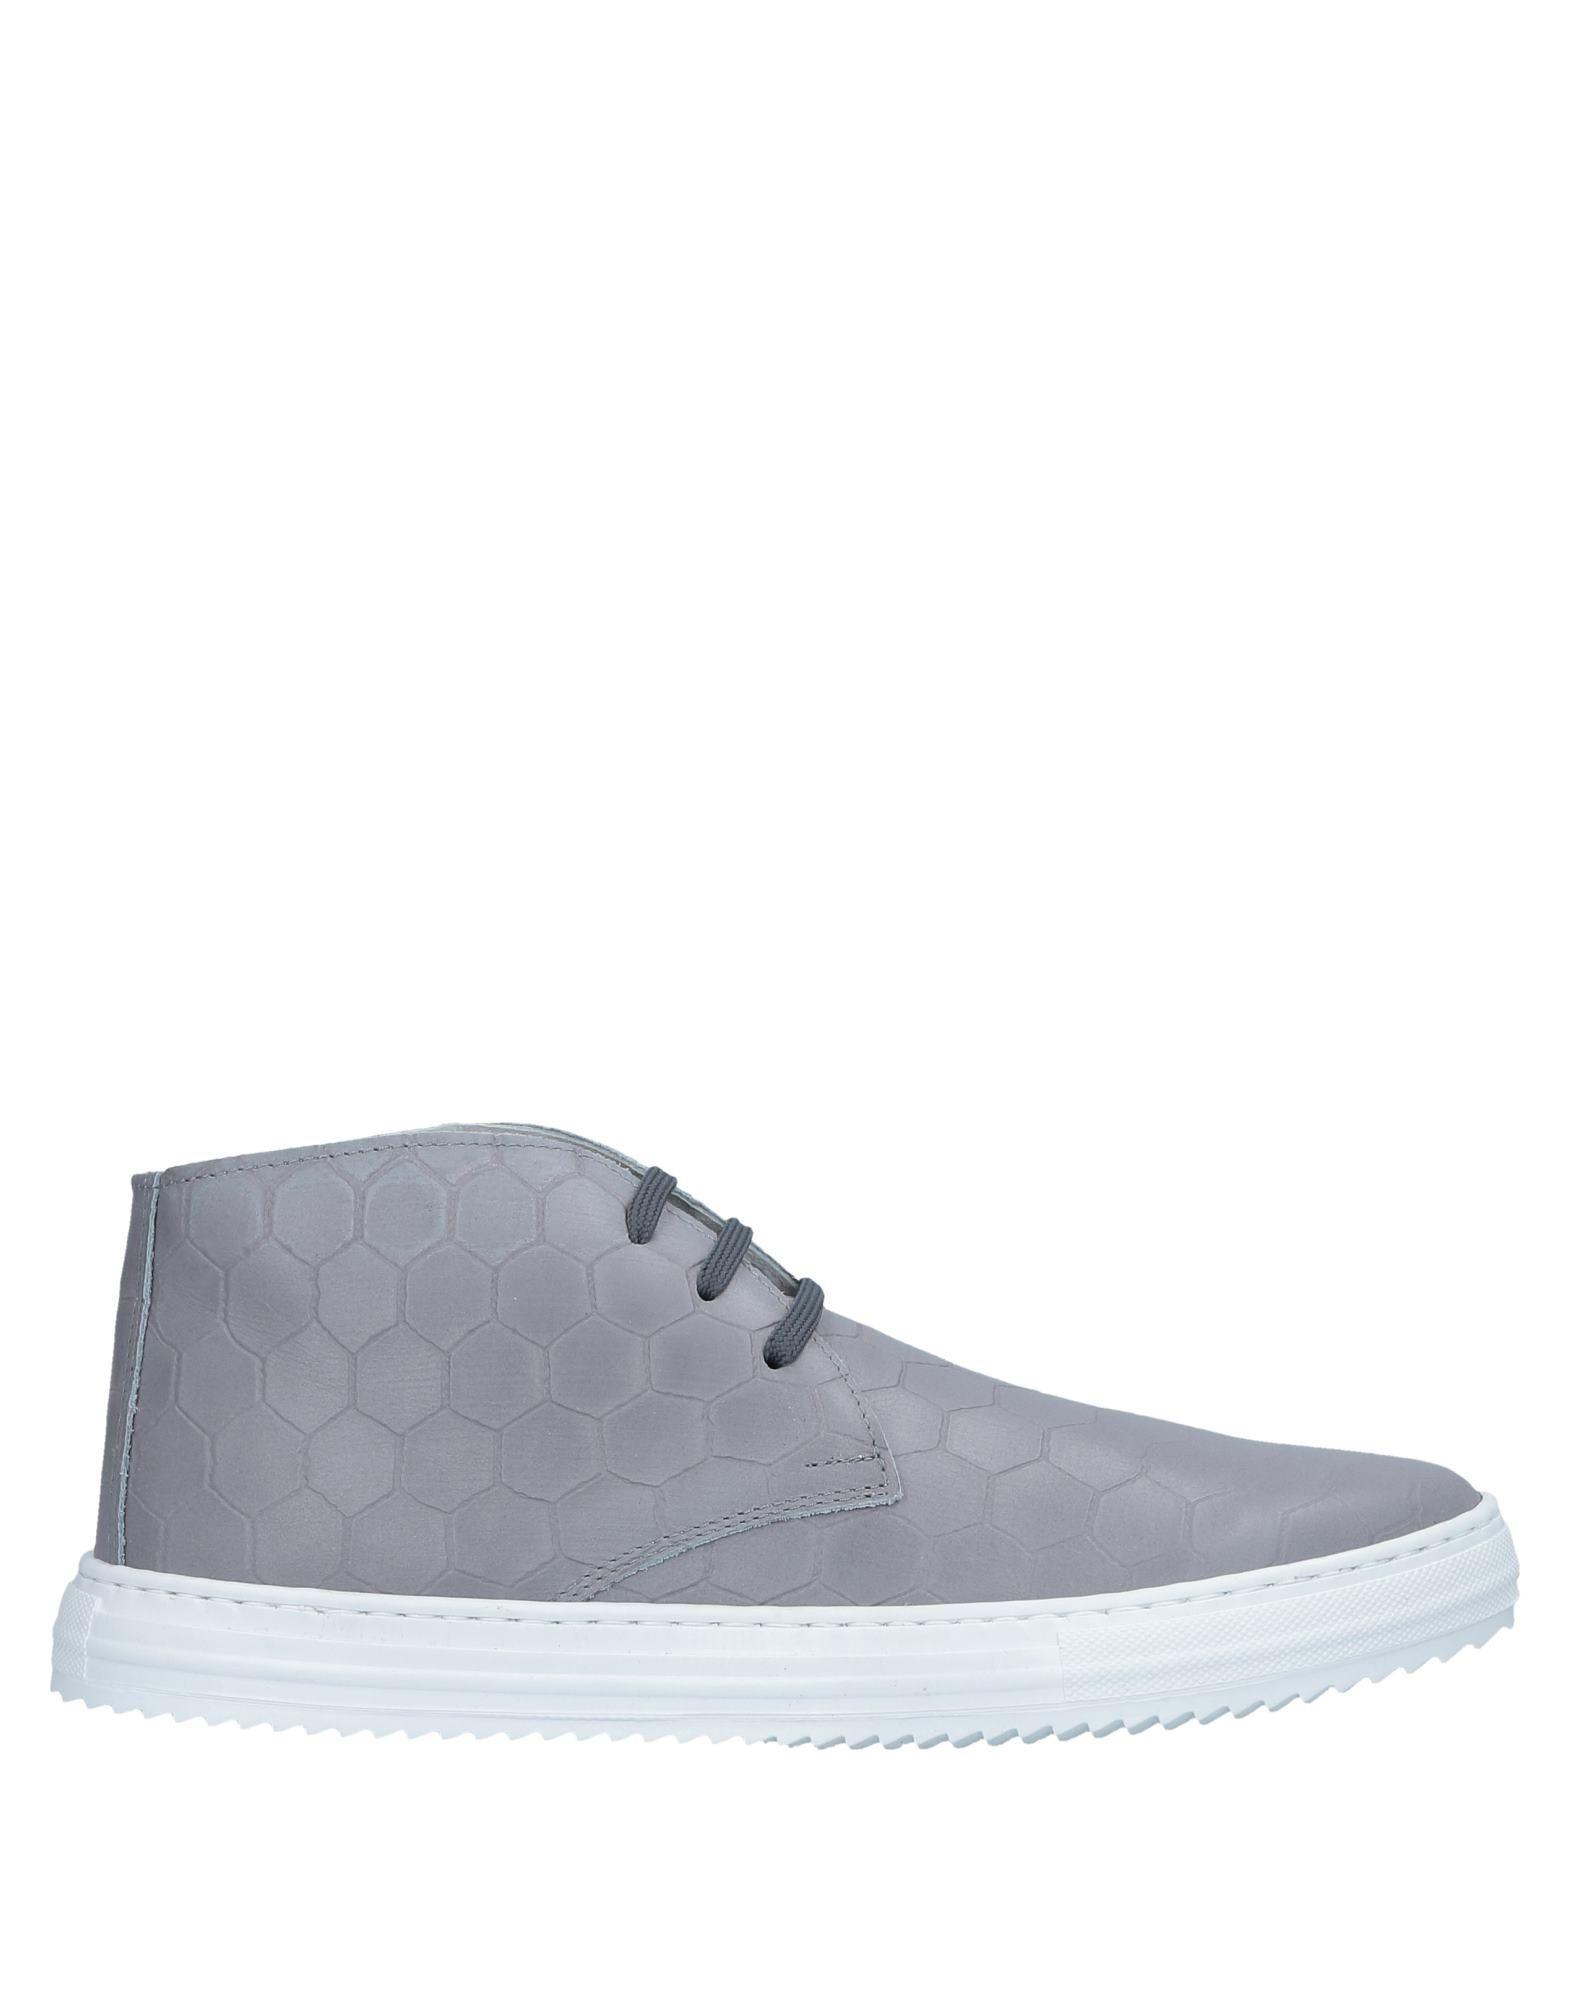 Sneakers Fratelli Circondato Homme - Sneakers Fratelli Circondato  Gris Dernières chaussures discount pour hommes et femmes